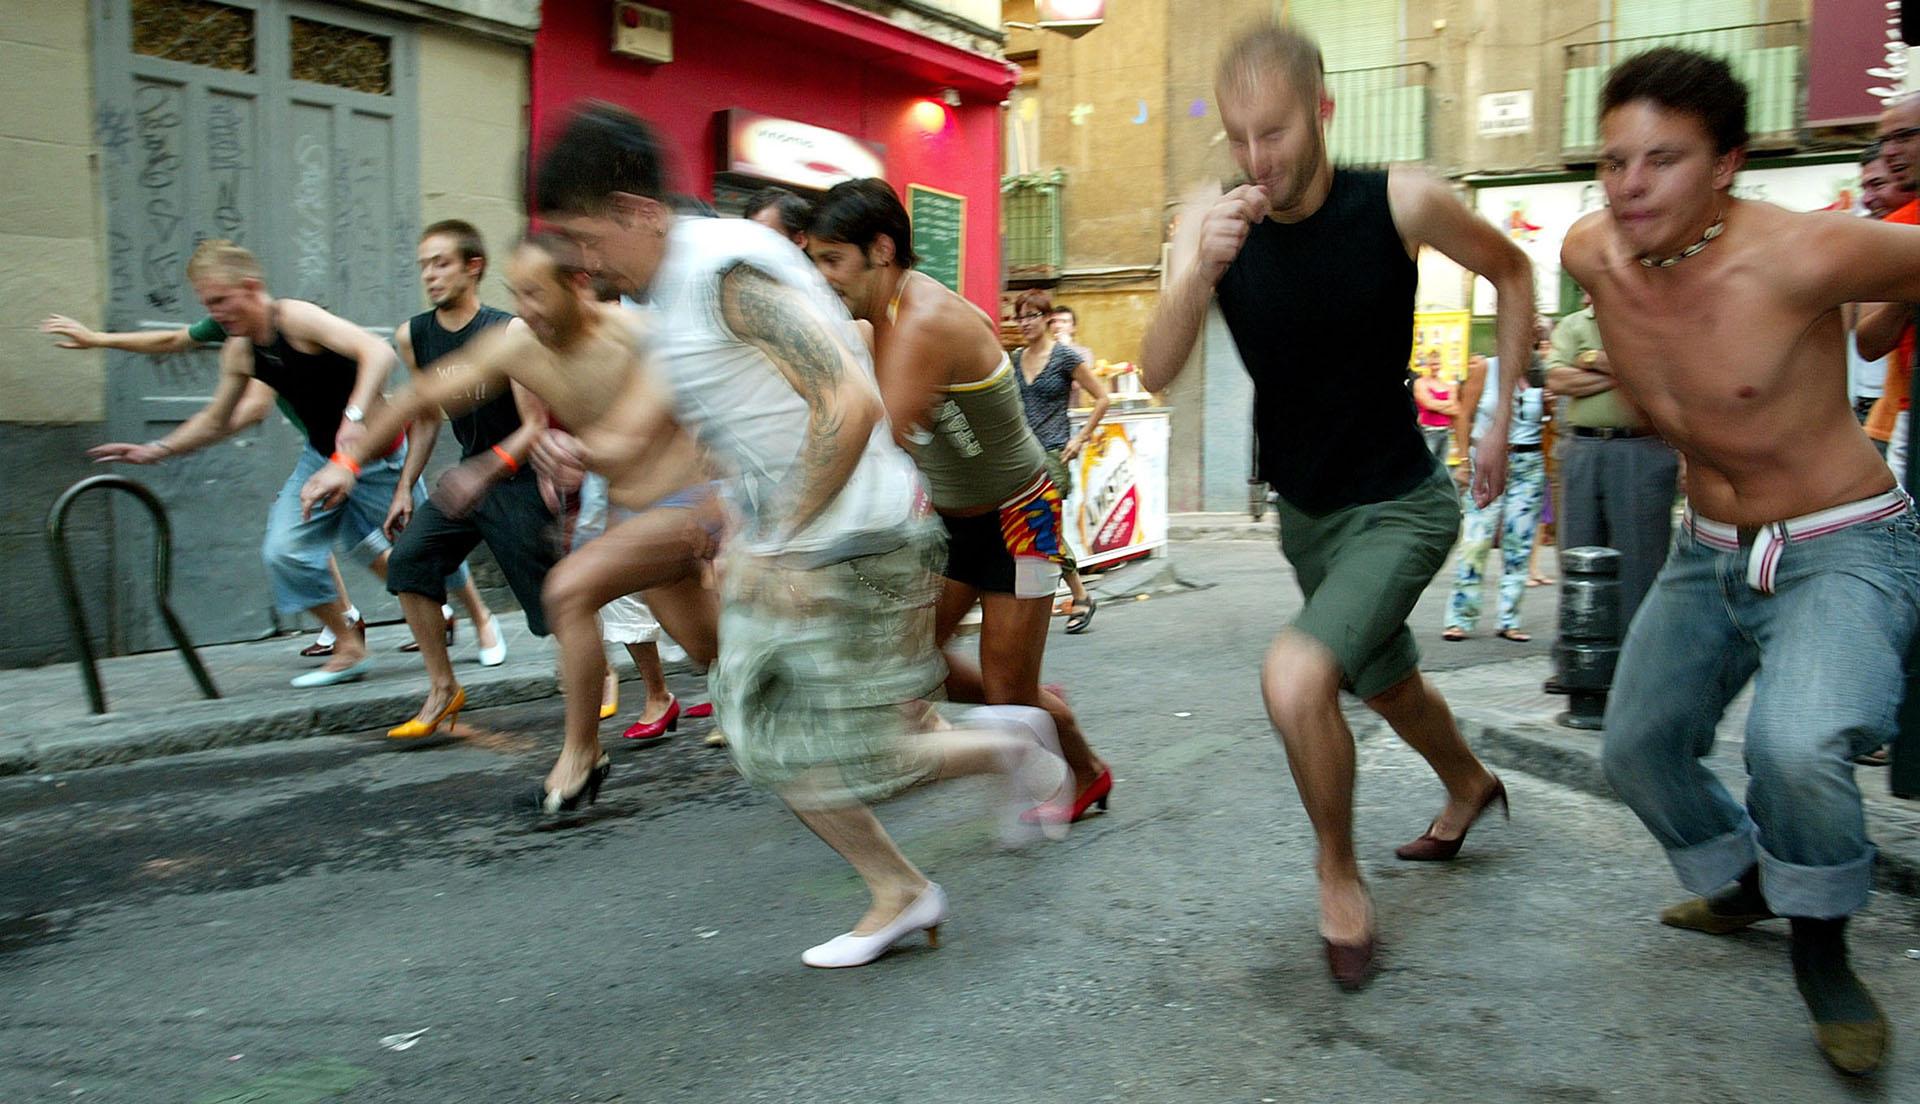 Varios hombres participan en una carrera de tacones en la fiesta del orgullo gay en el barrio de Chueca en Madrid el 1 de julio de 2005